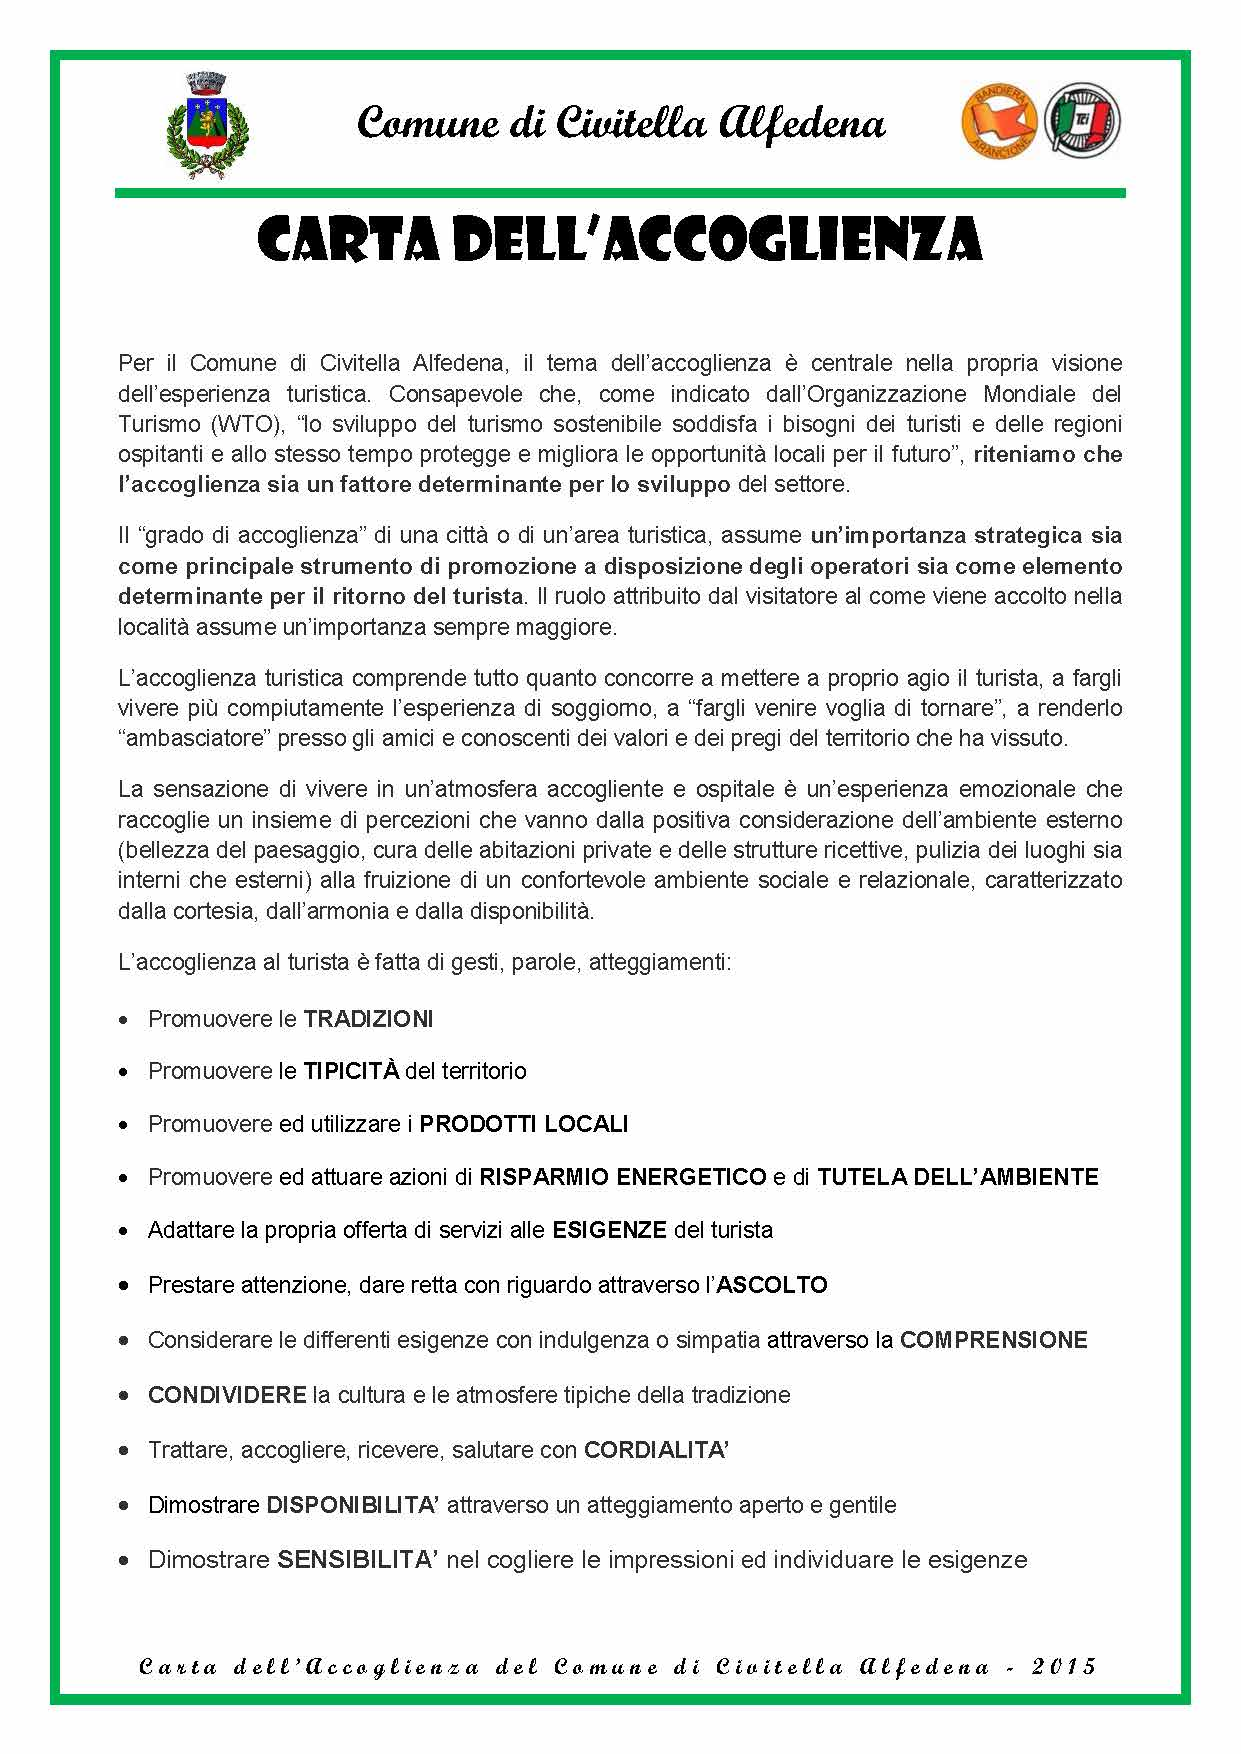 Carta Accoglienza Civitella Alfedena 20150825 02AP